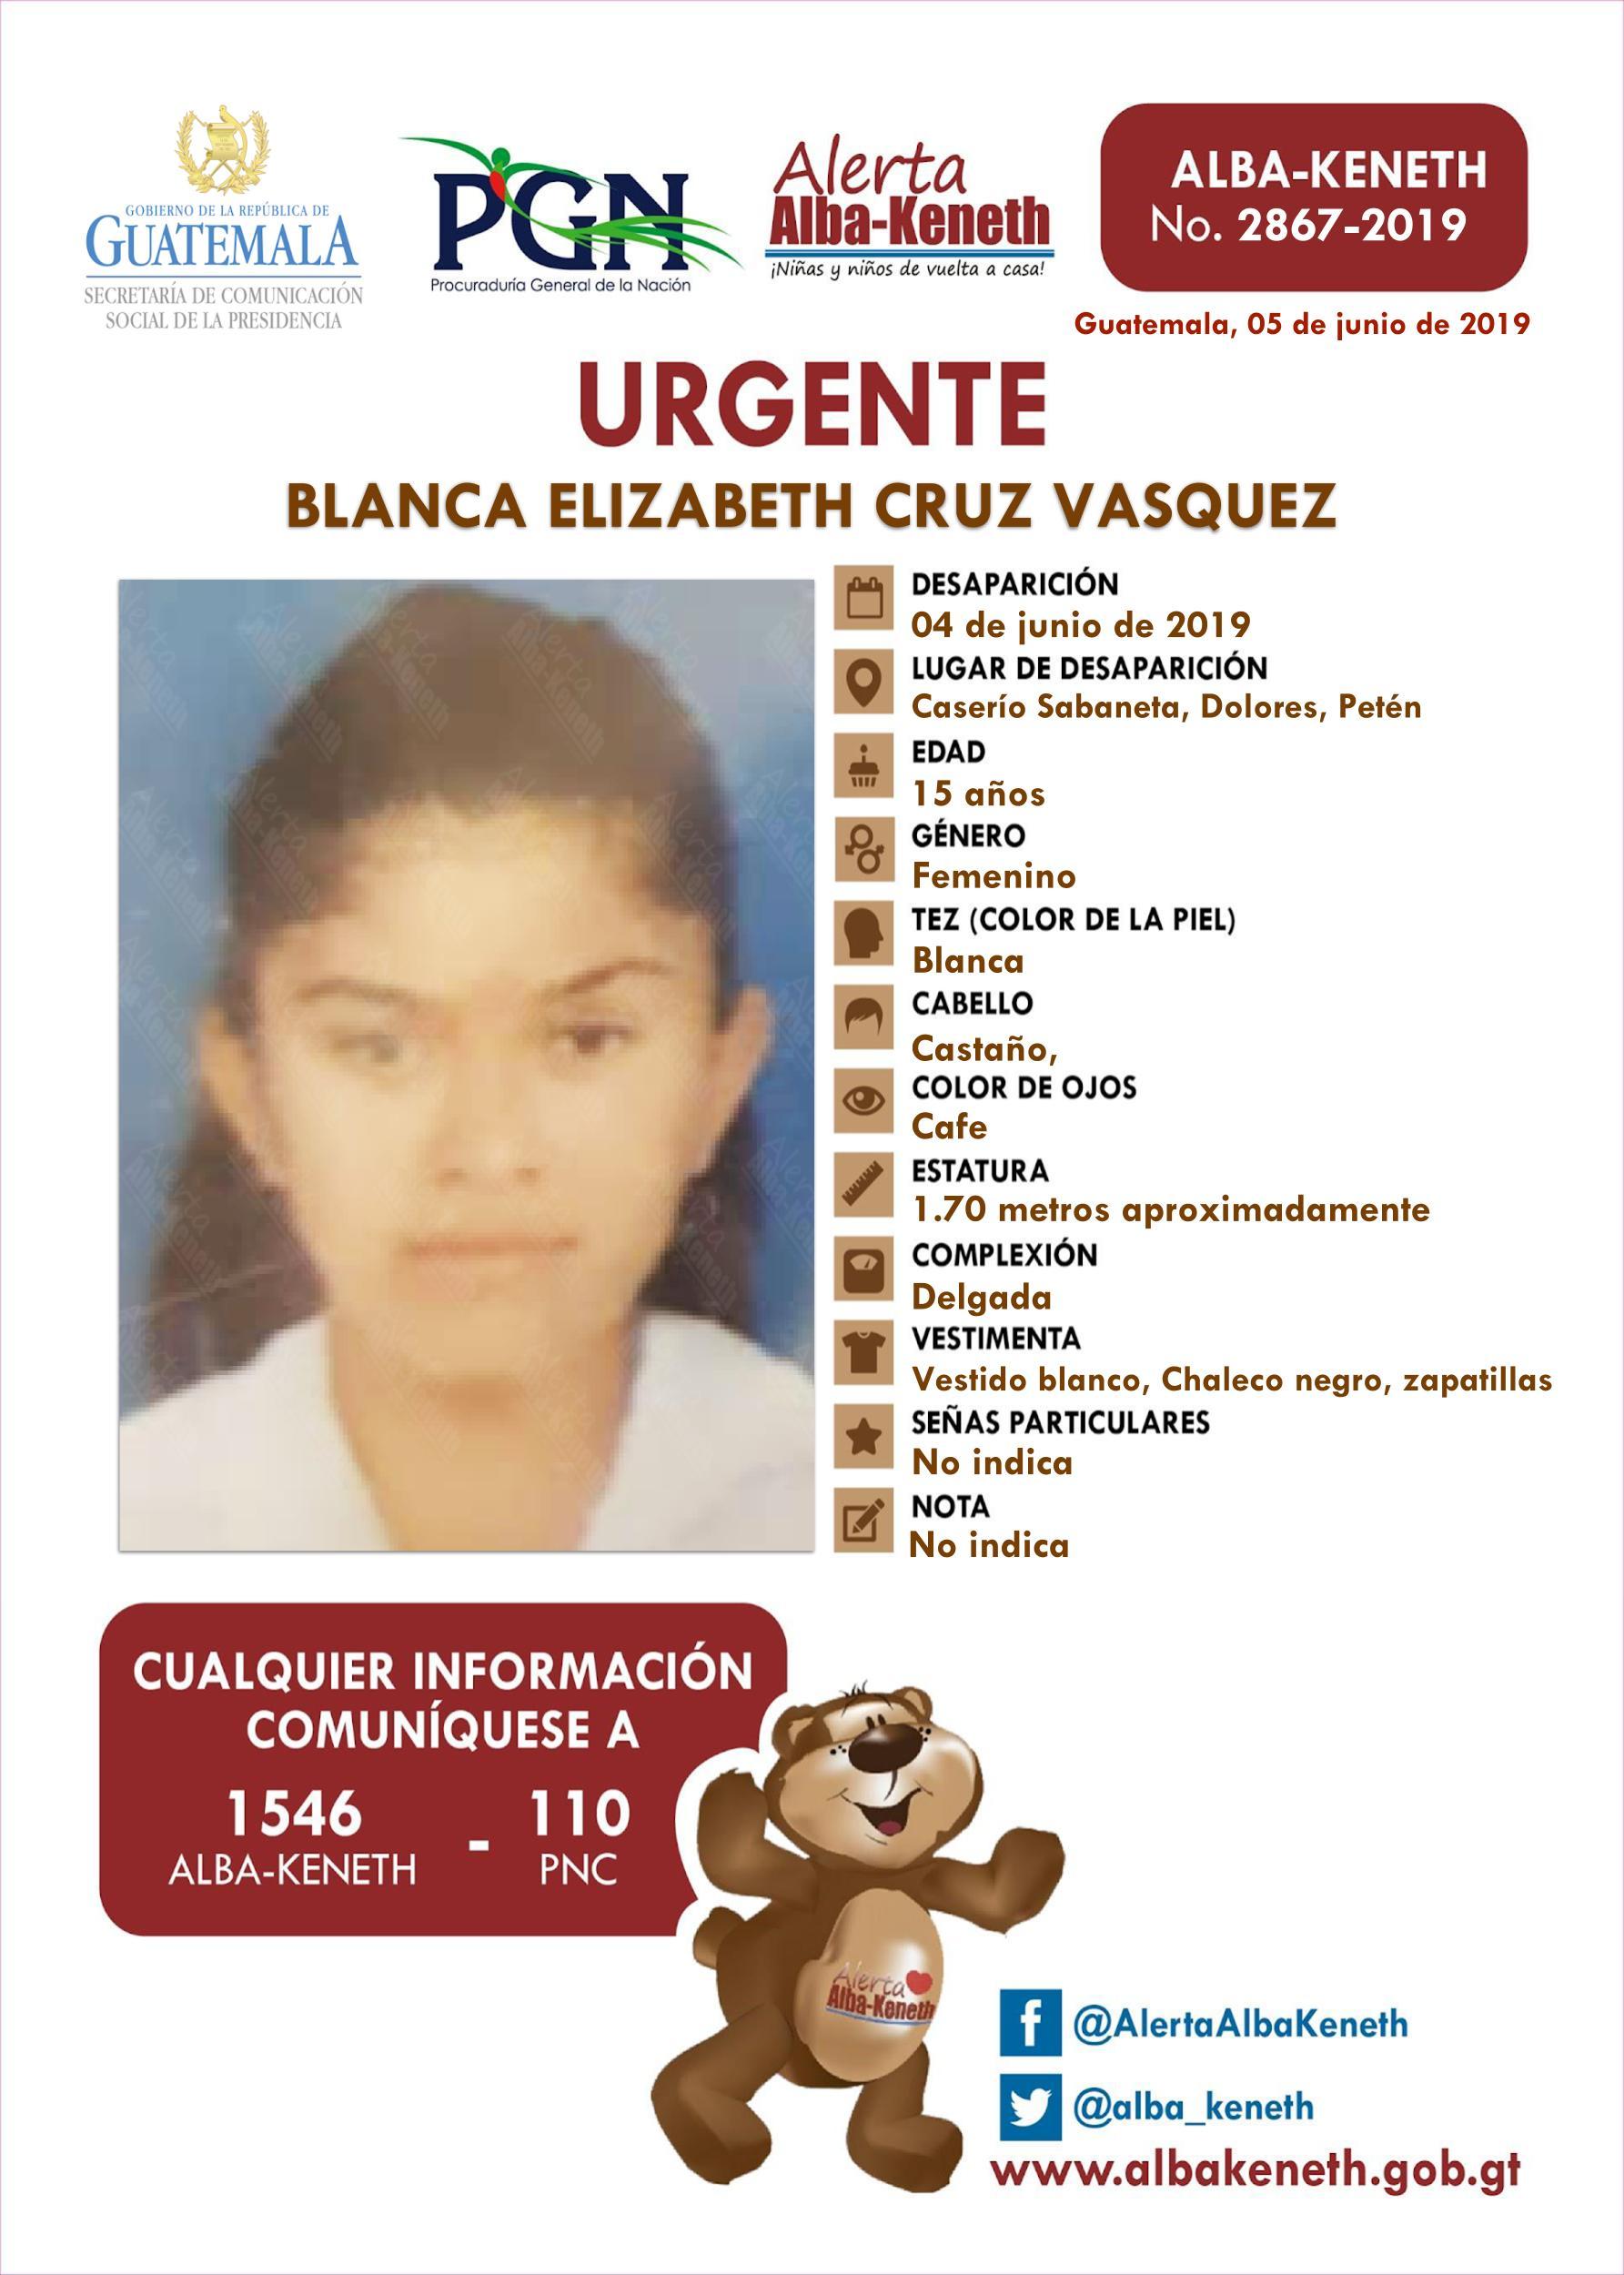 Blanca Elizabeth Cruz Vasquez